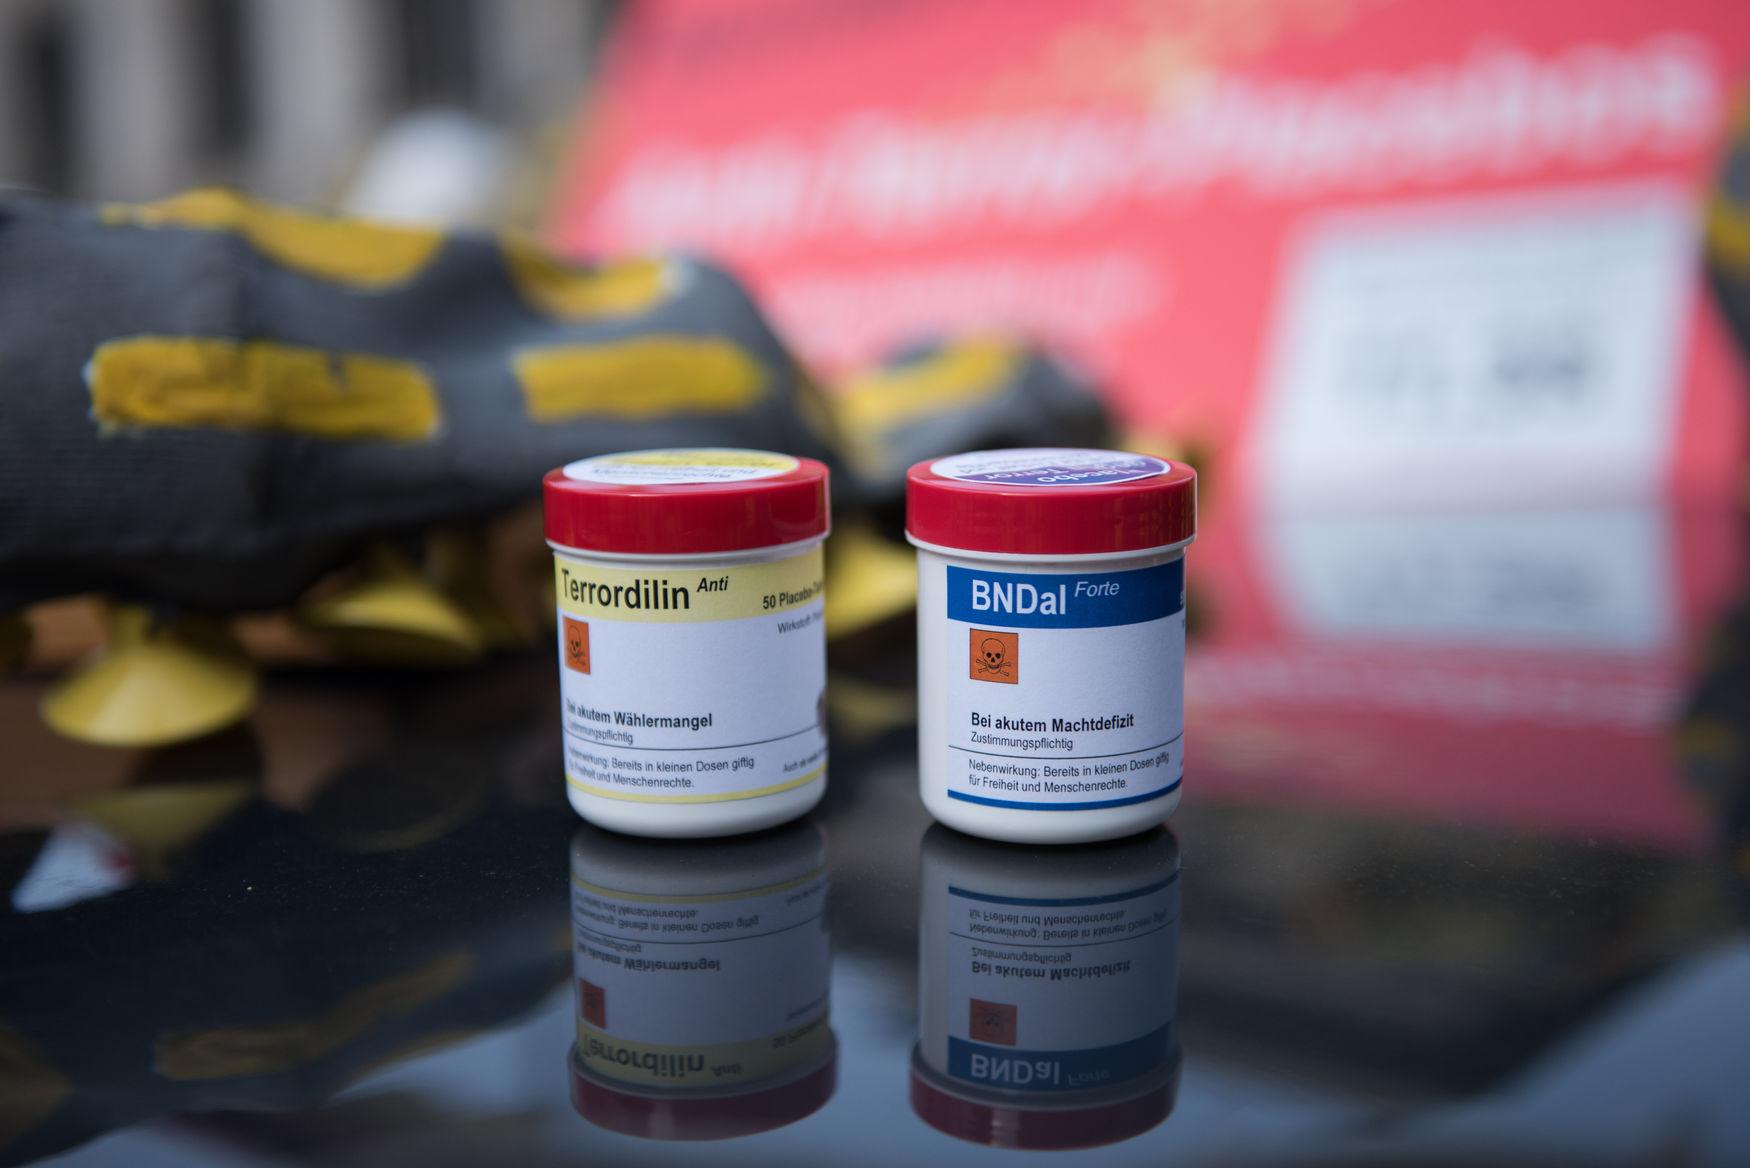 Terrordilin Anti und BNDal Forte. Ohne erwünschte Wirkung, aber höchst giftig.